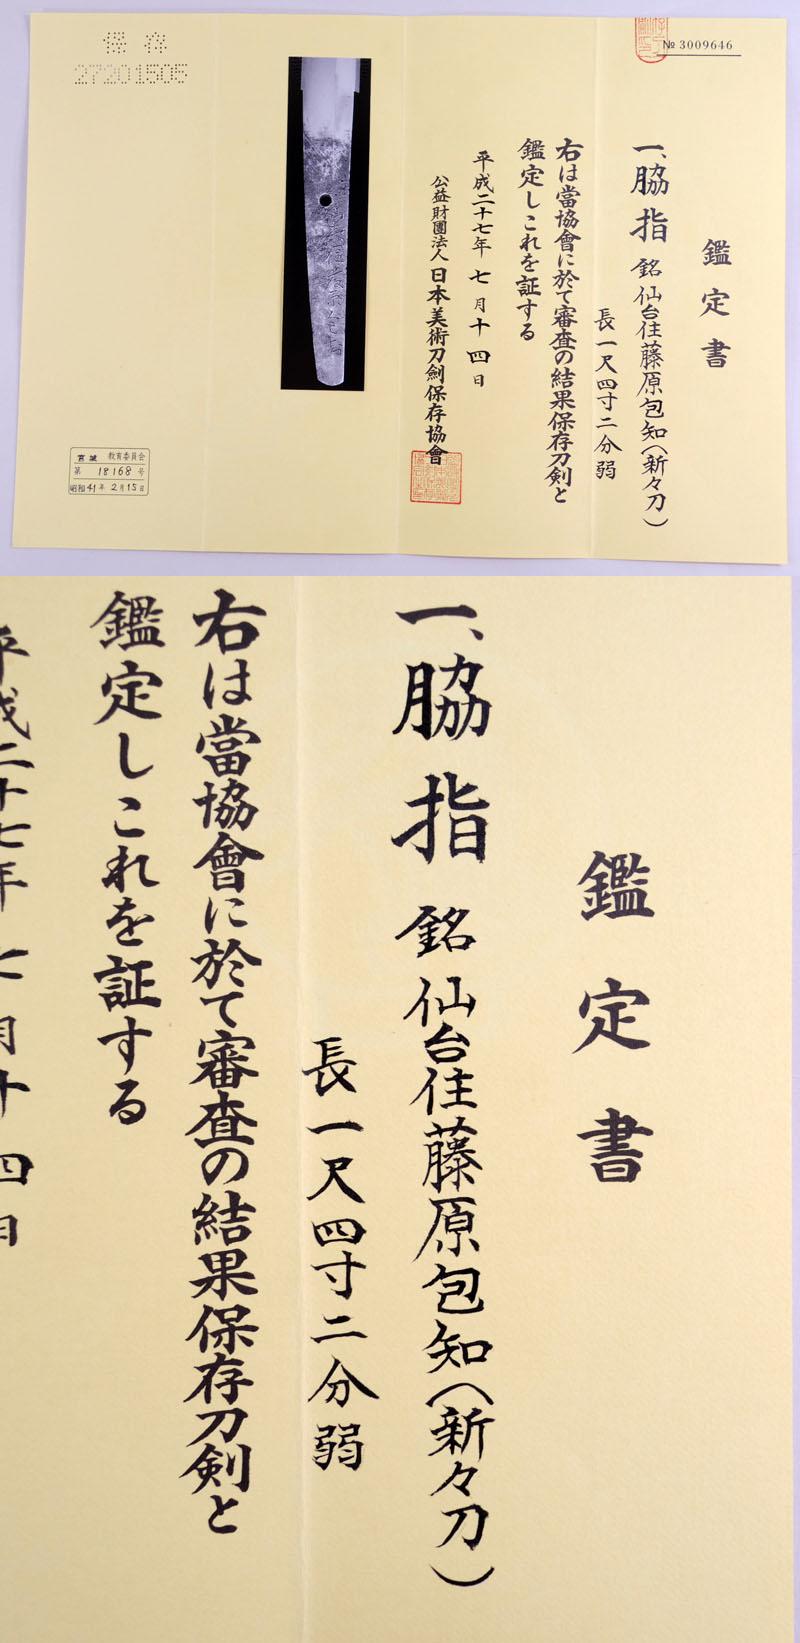 仙台住藤原包知 Picture of Certificate